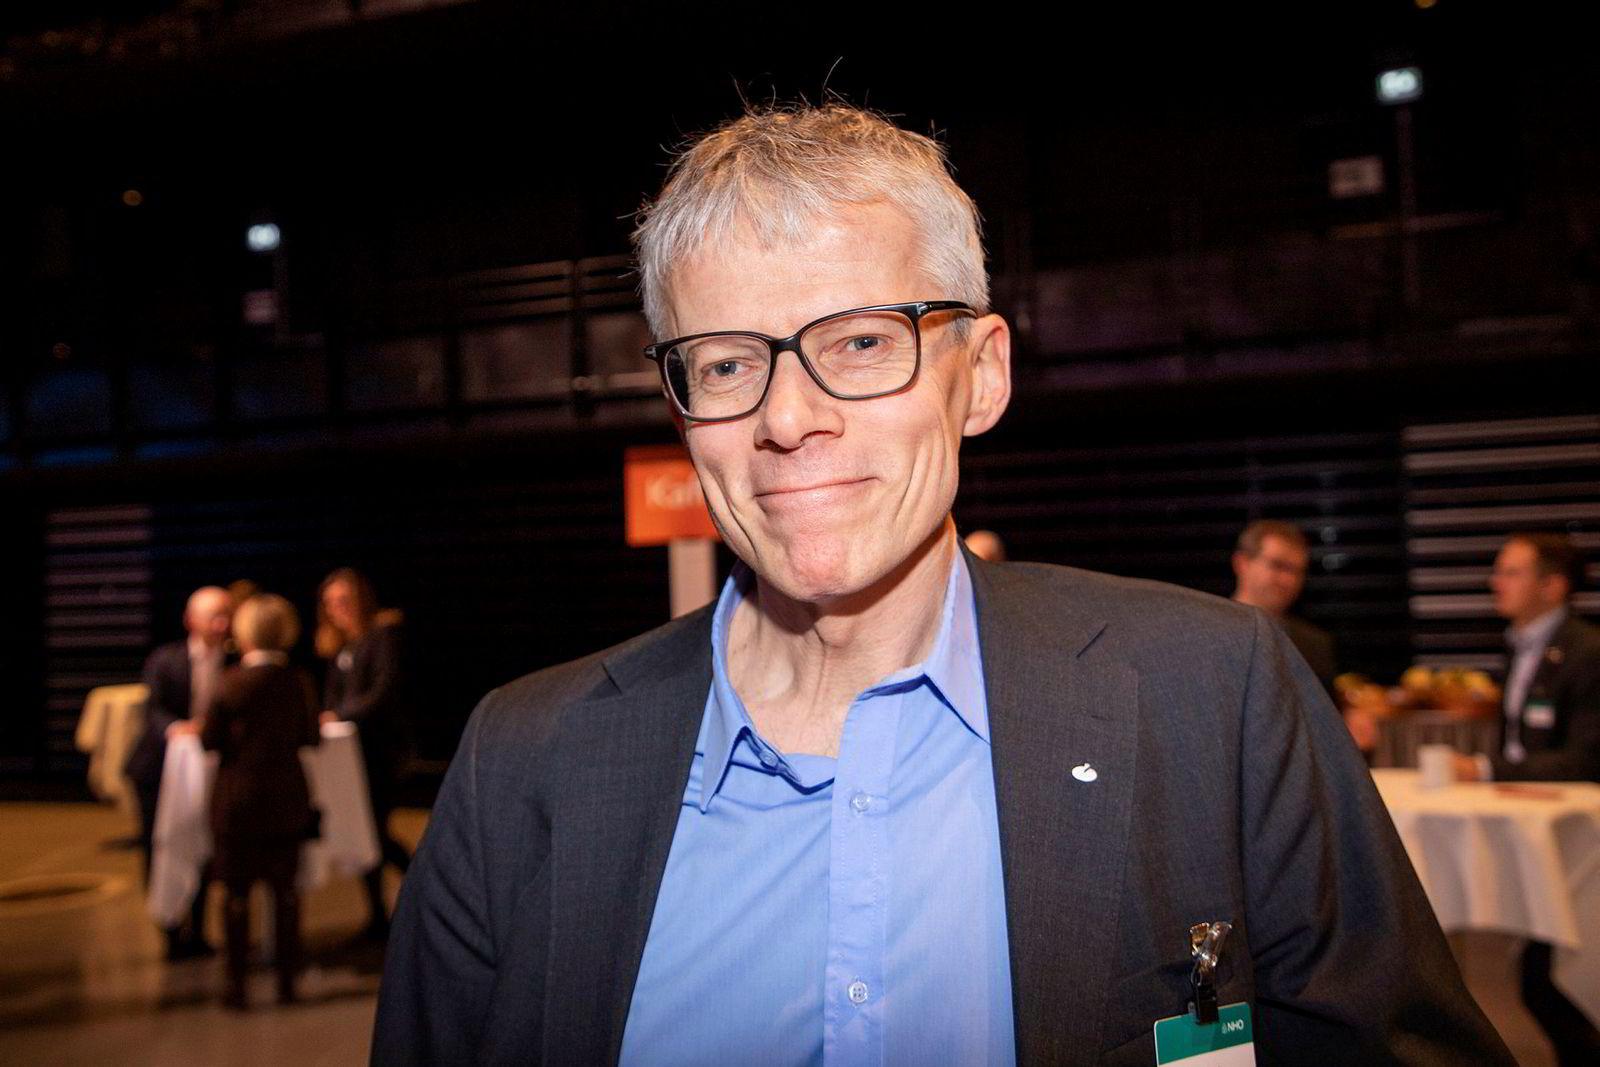 Skattedirektør Hans Christian Holte kom seg til konferansen med tog, men er ikke spesielt stolt av å ha reist miljøvennlig.